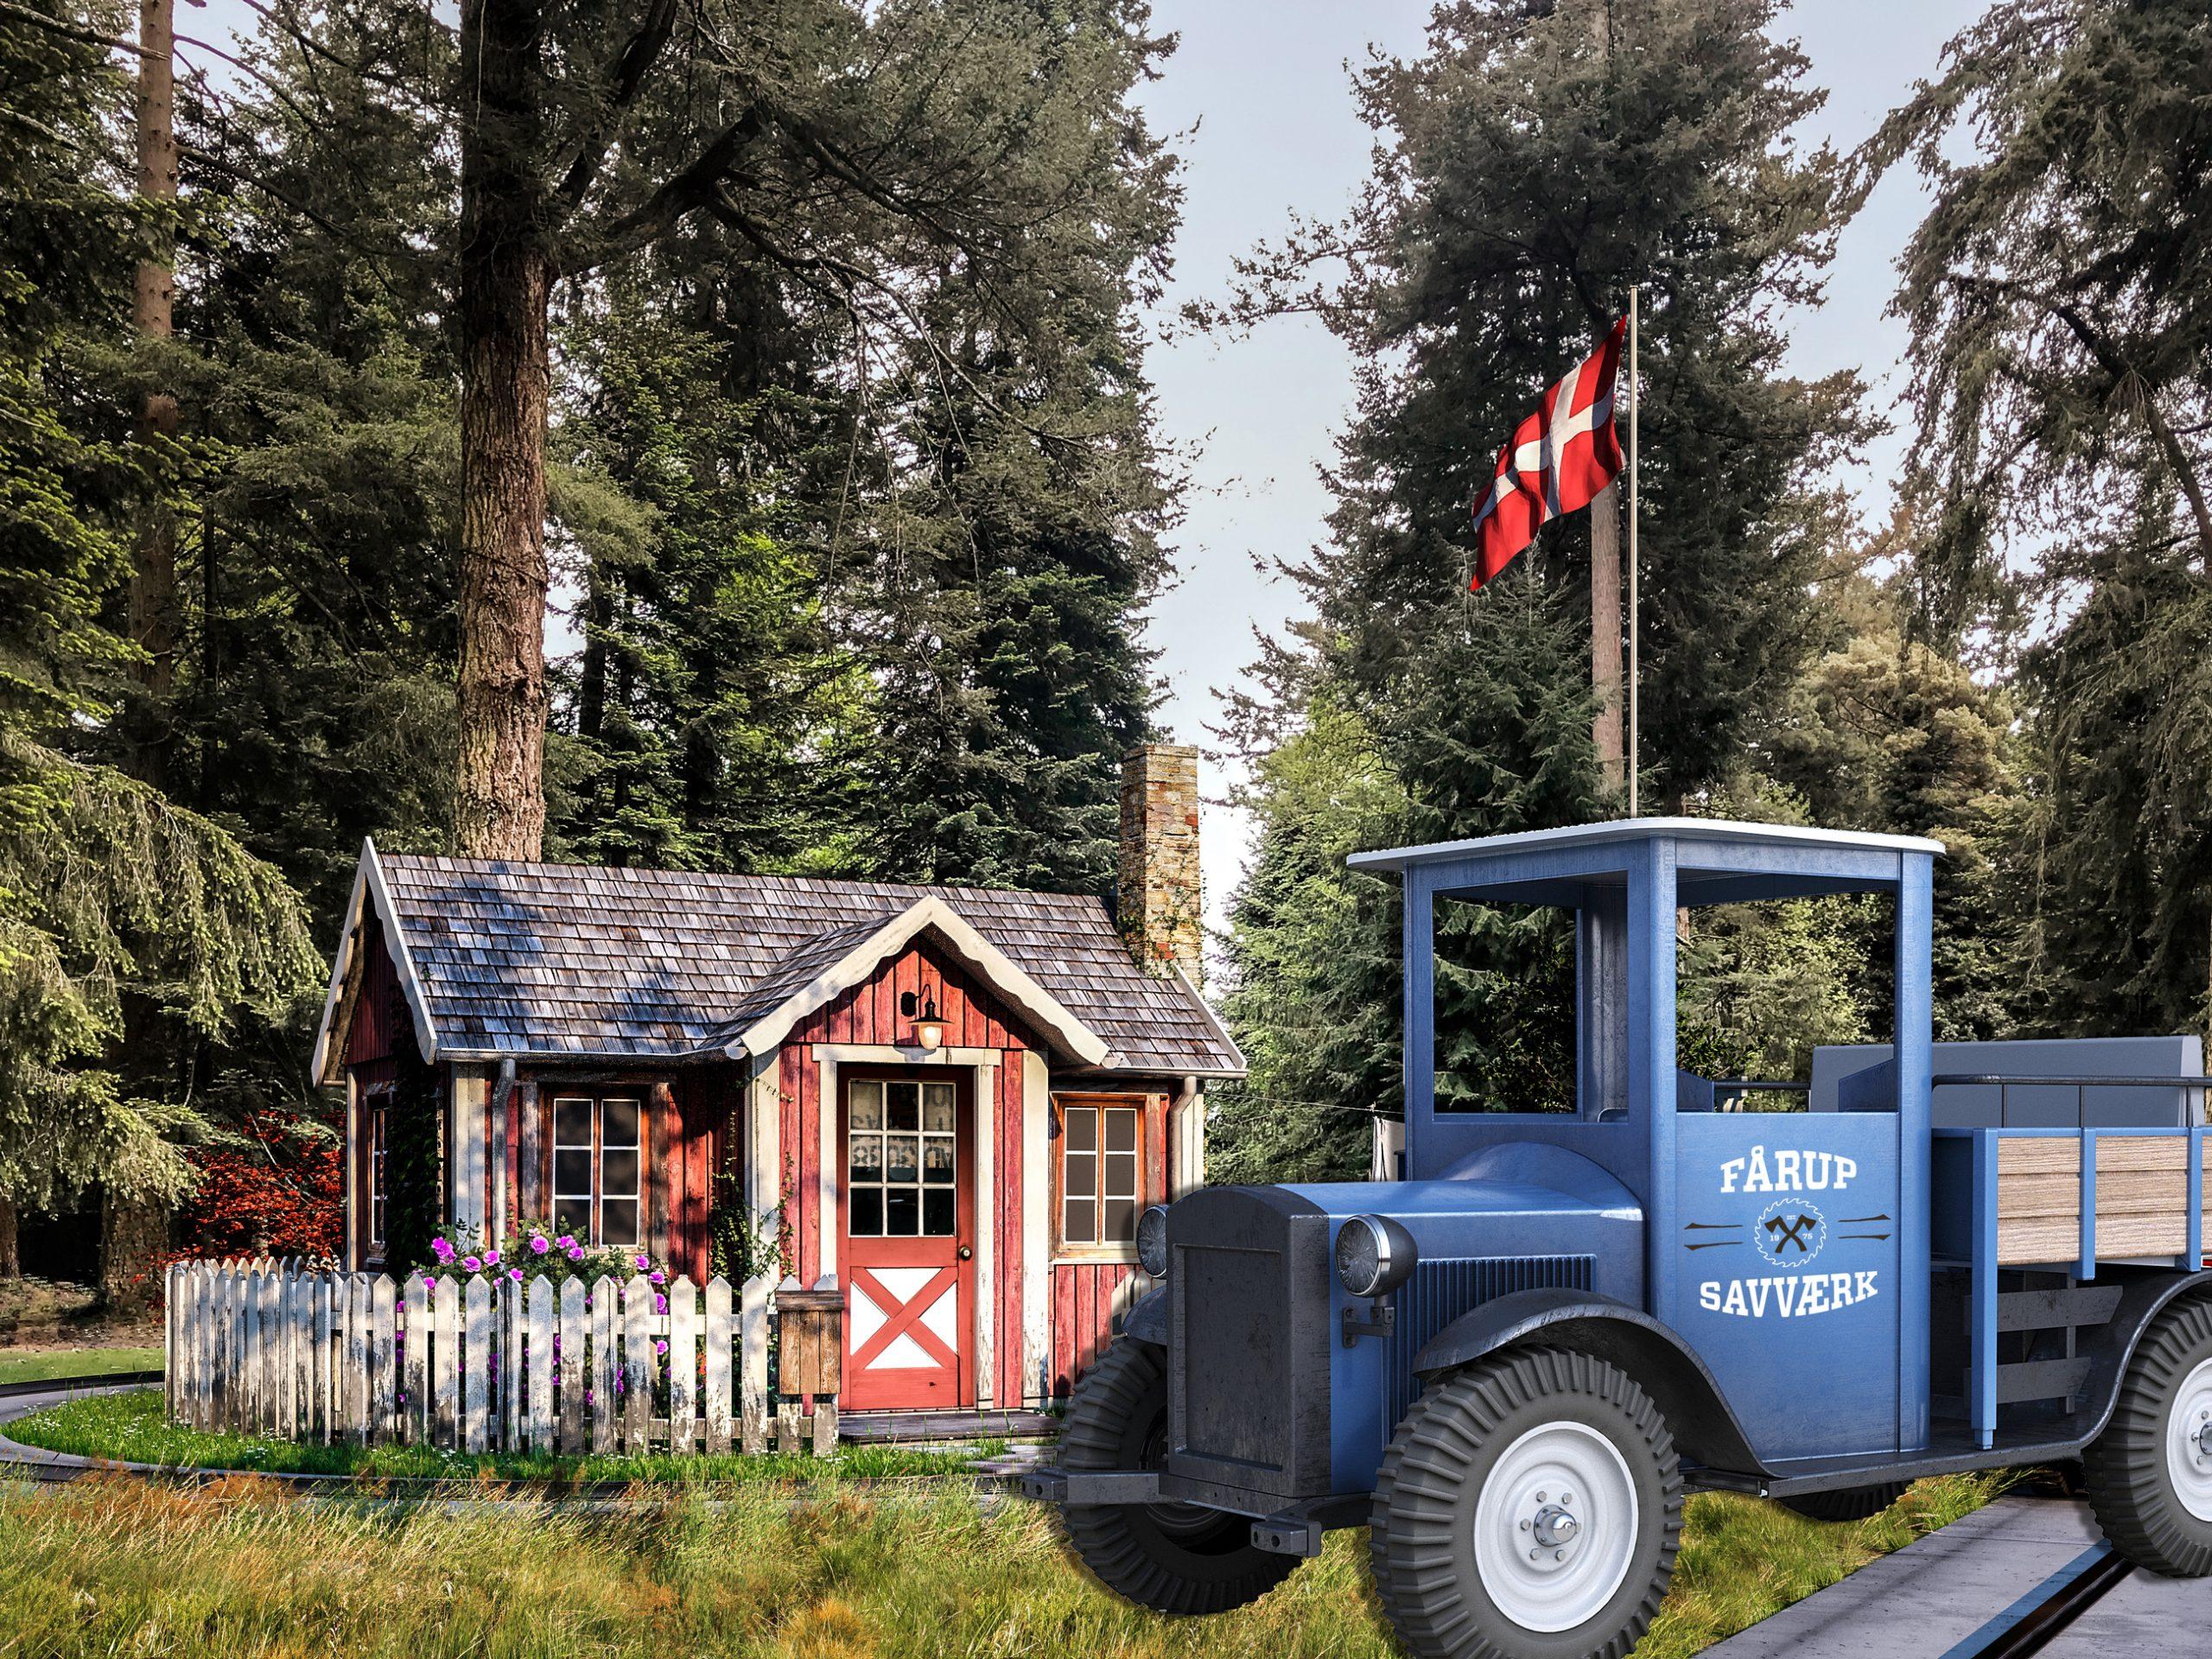 Fårup Sommerlands har i normale år cirka 600.000 besøgende, hvoraf hovedparten er danske turister. Pressefoto: Fårup Sommerland.